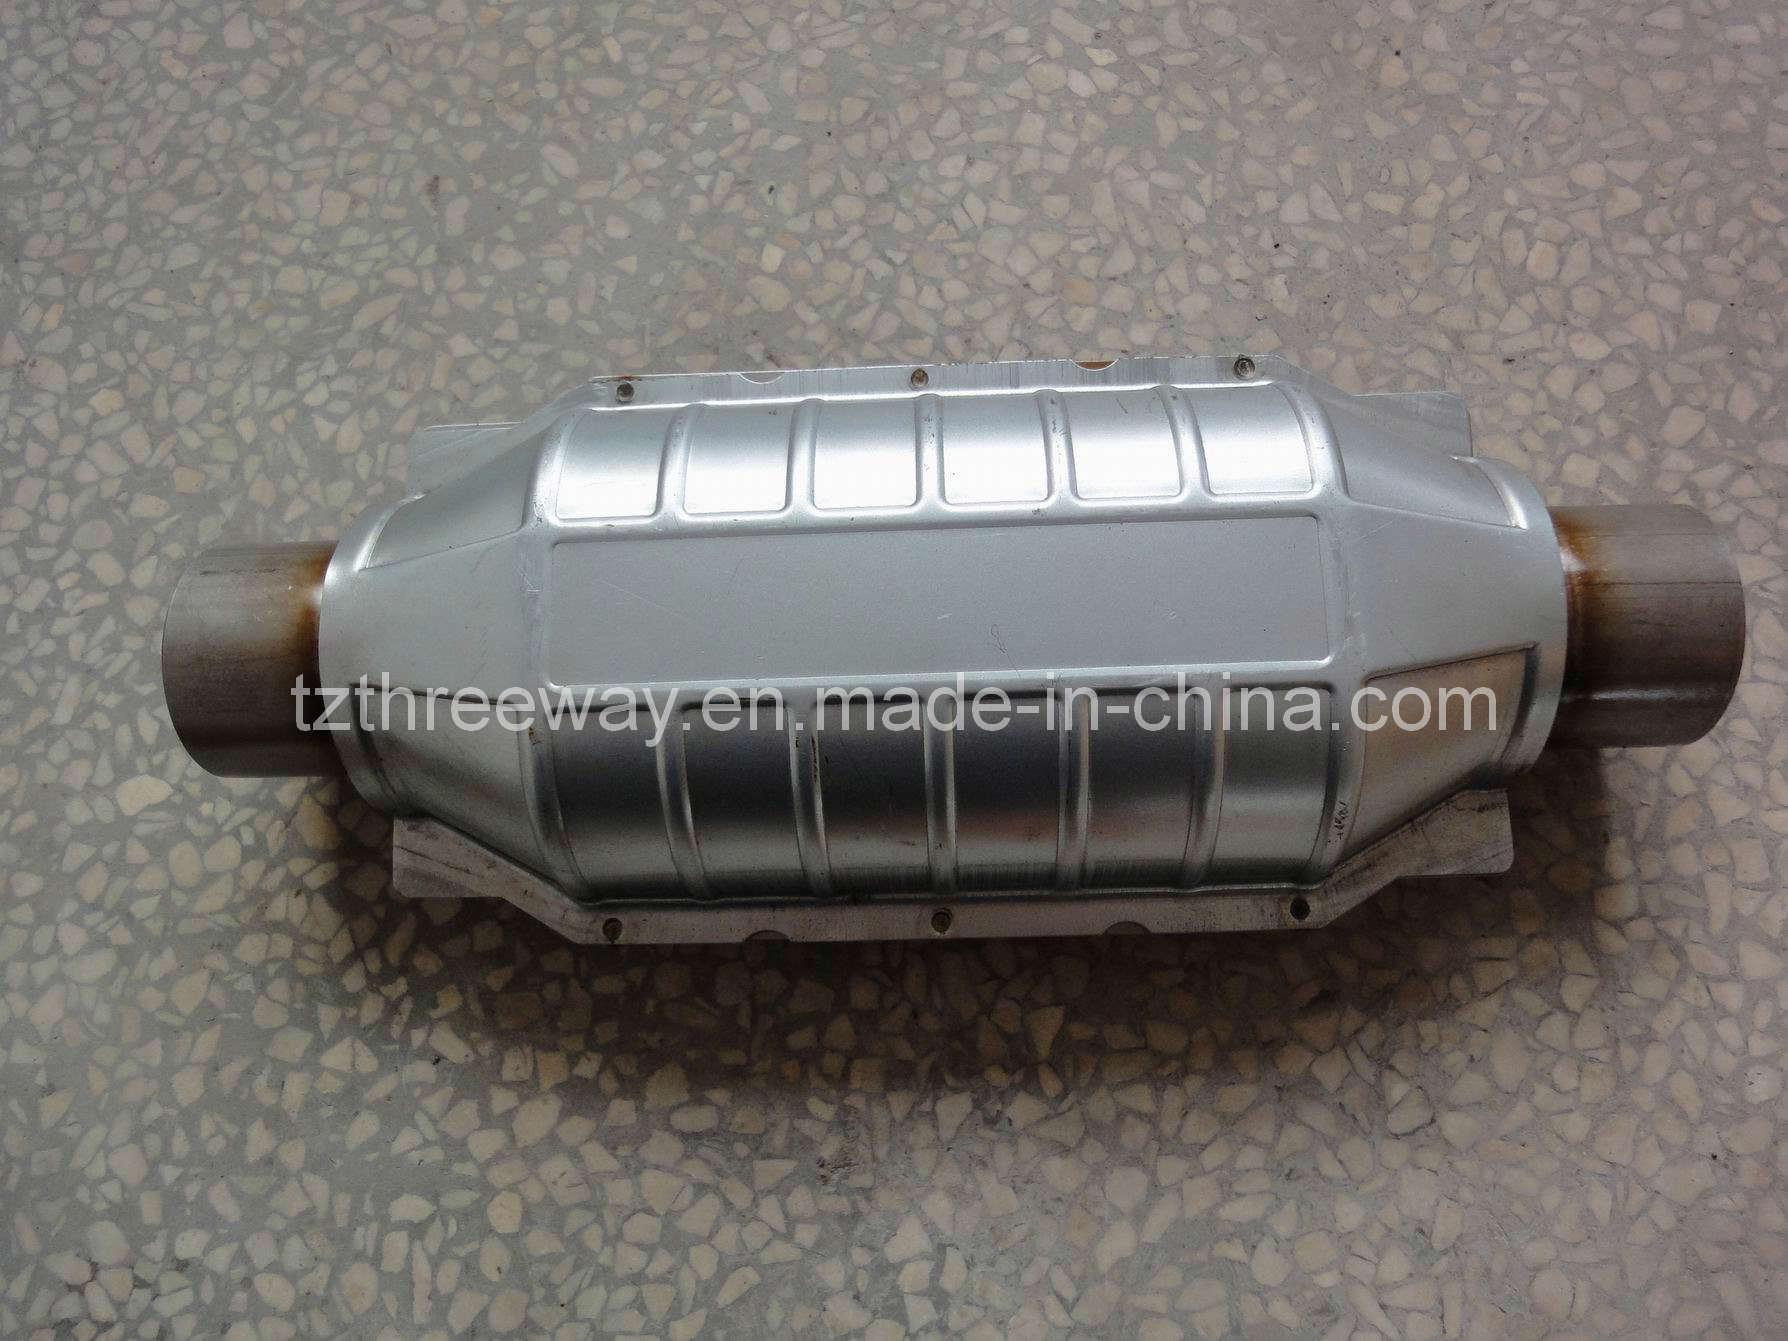 Magnaflow Catalytic Converter - Ceramic - Universal Fit